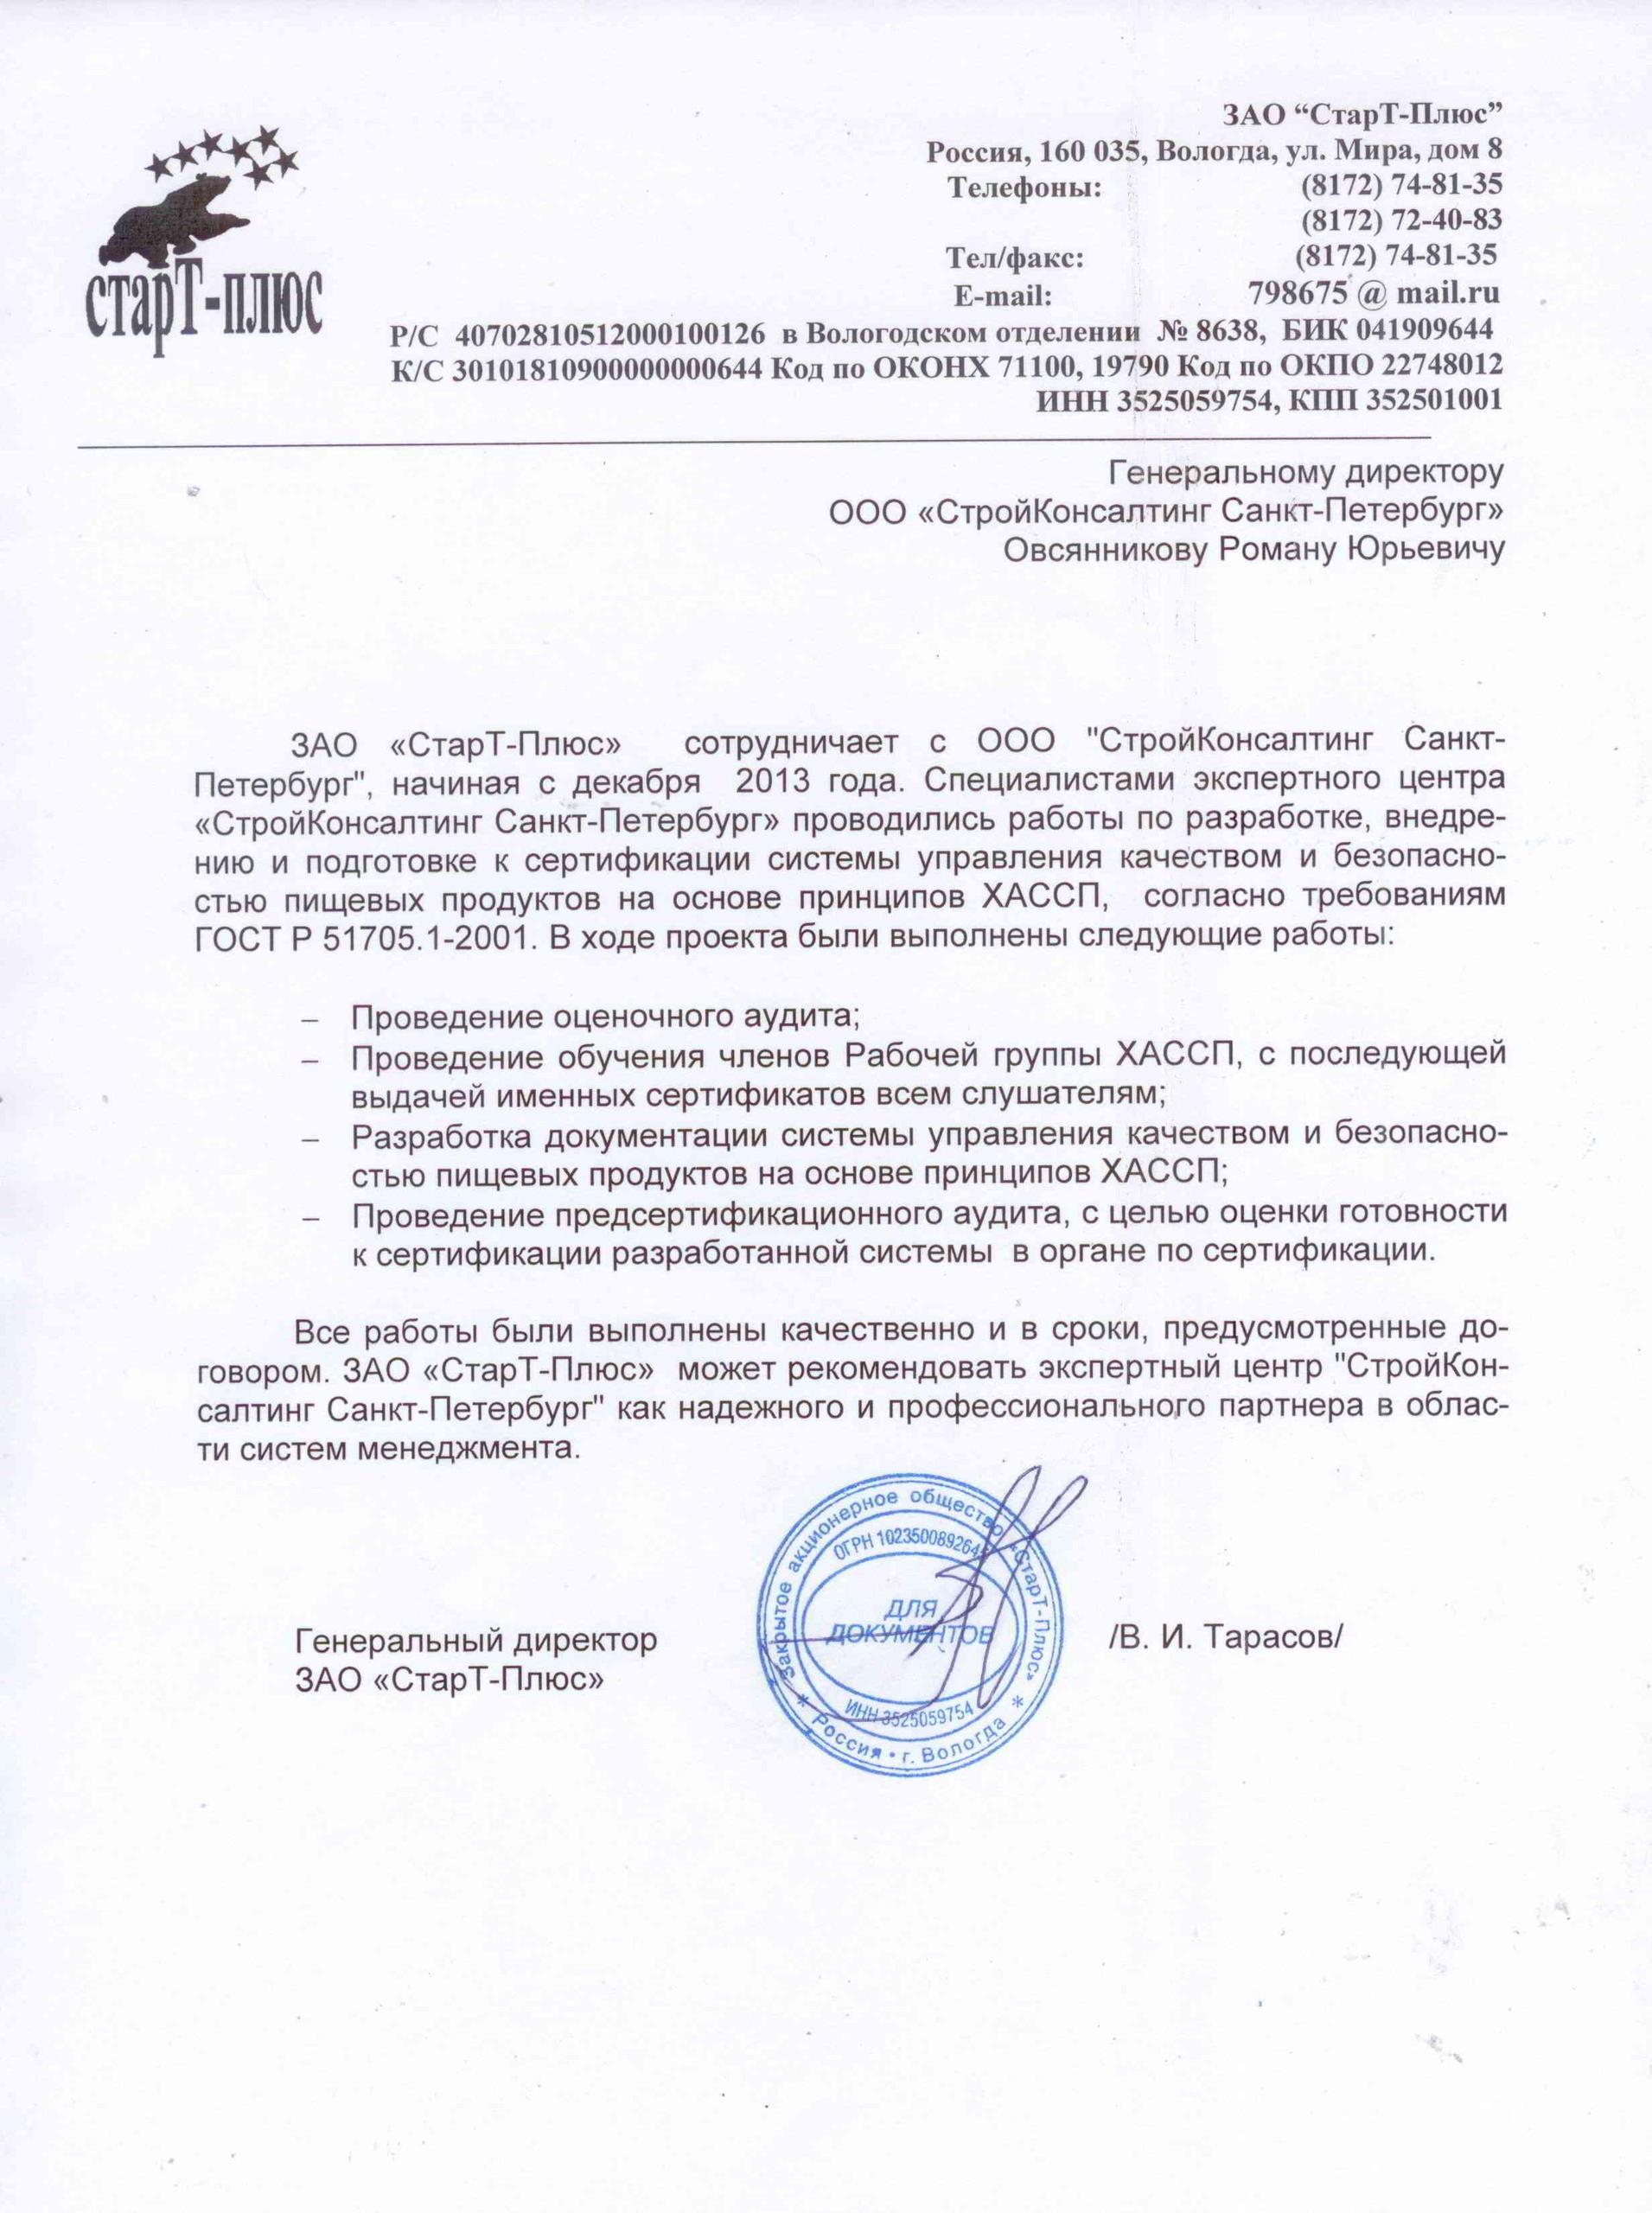 Сертификация работа в спб наличие gmp сертификатов у западных фарм.ко